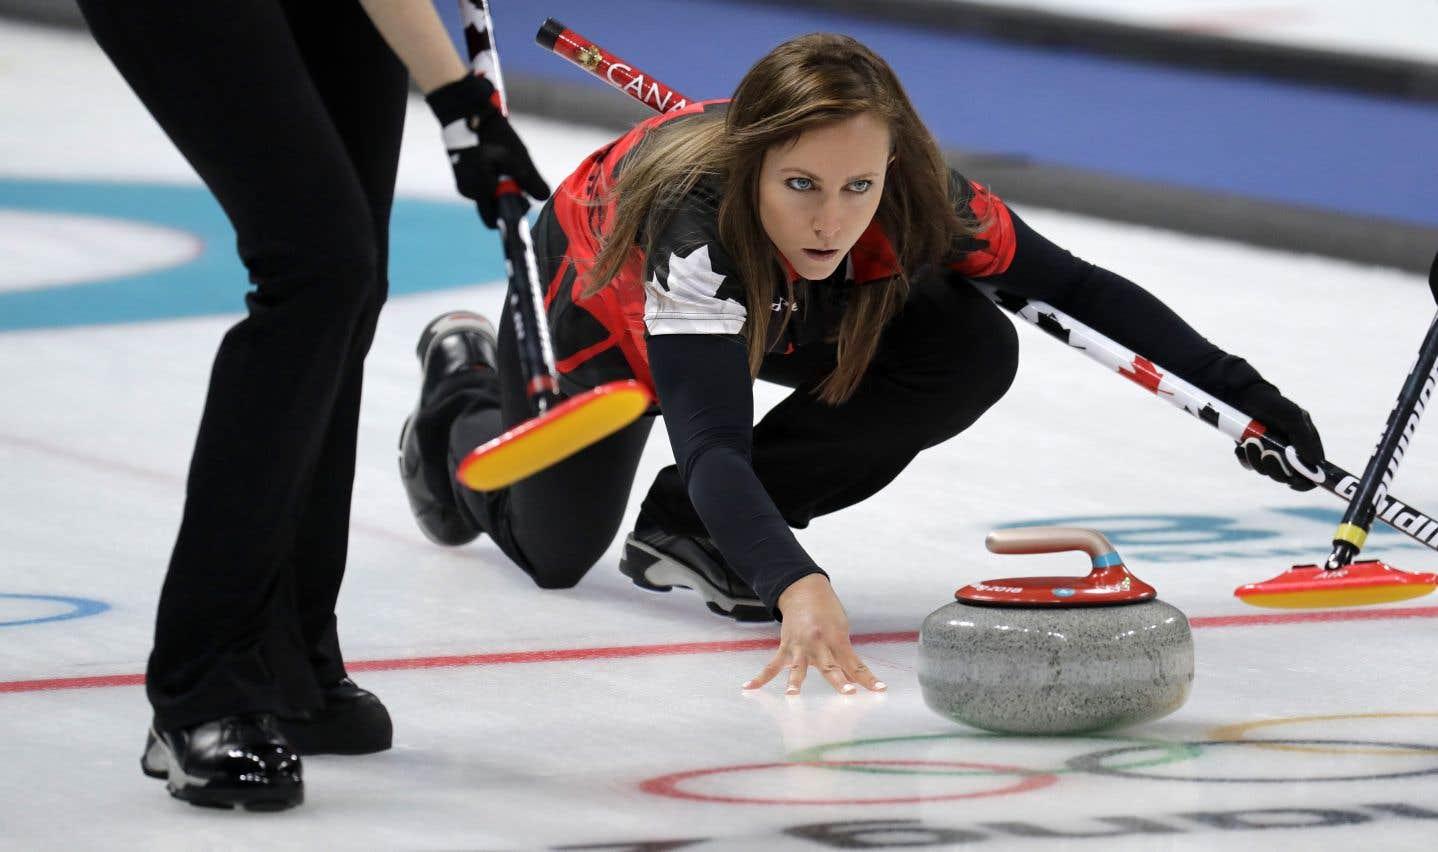 Rachel Homan n'était pas parvenue à se qualifier pour la ronde des médailles en curling féminin.